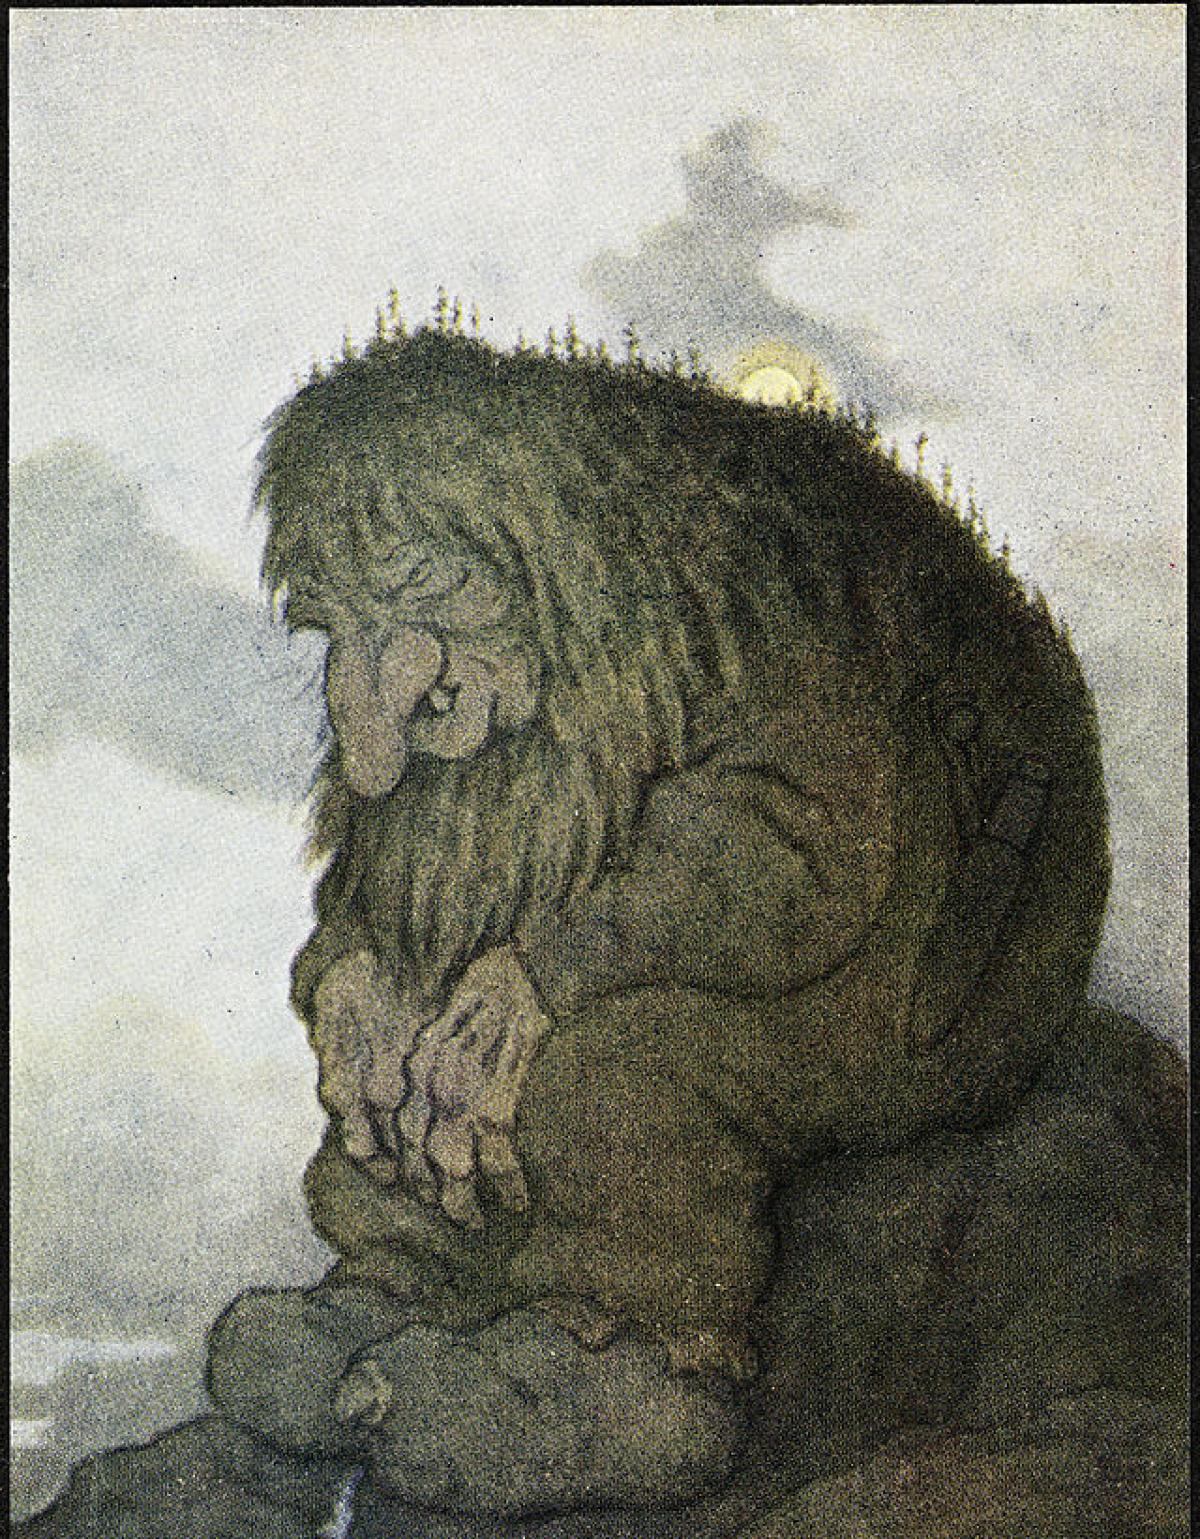 Le troll, également en partie humain.